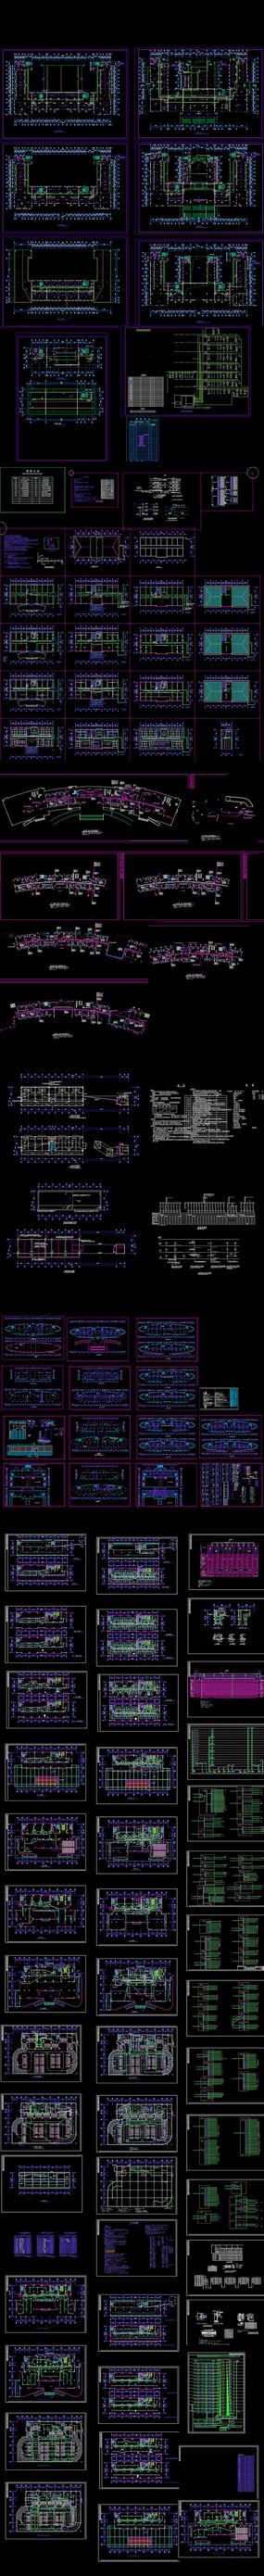 辦公樓系統圖